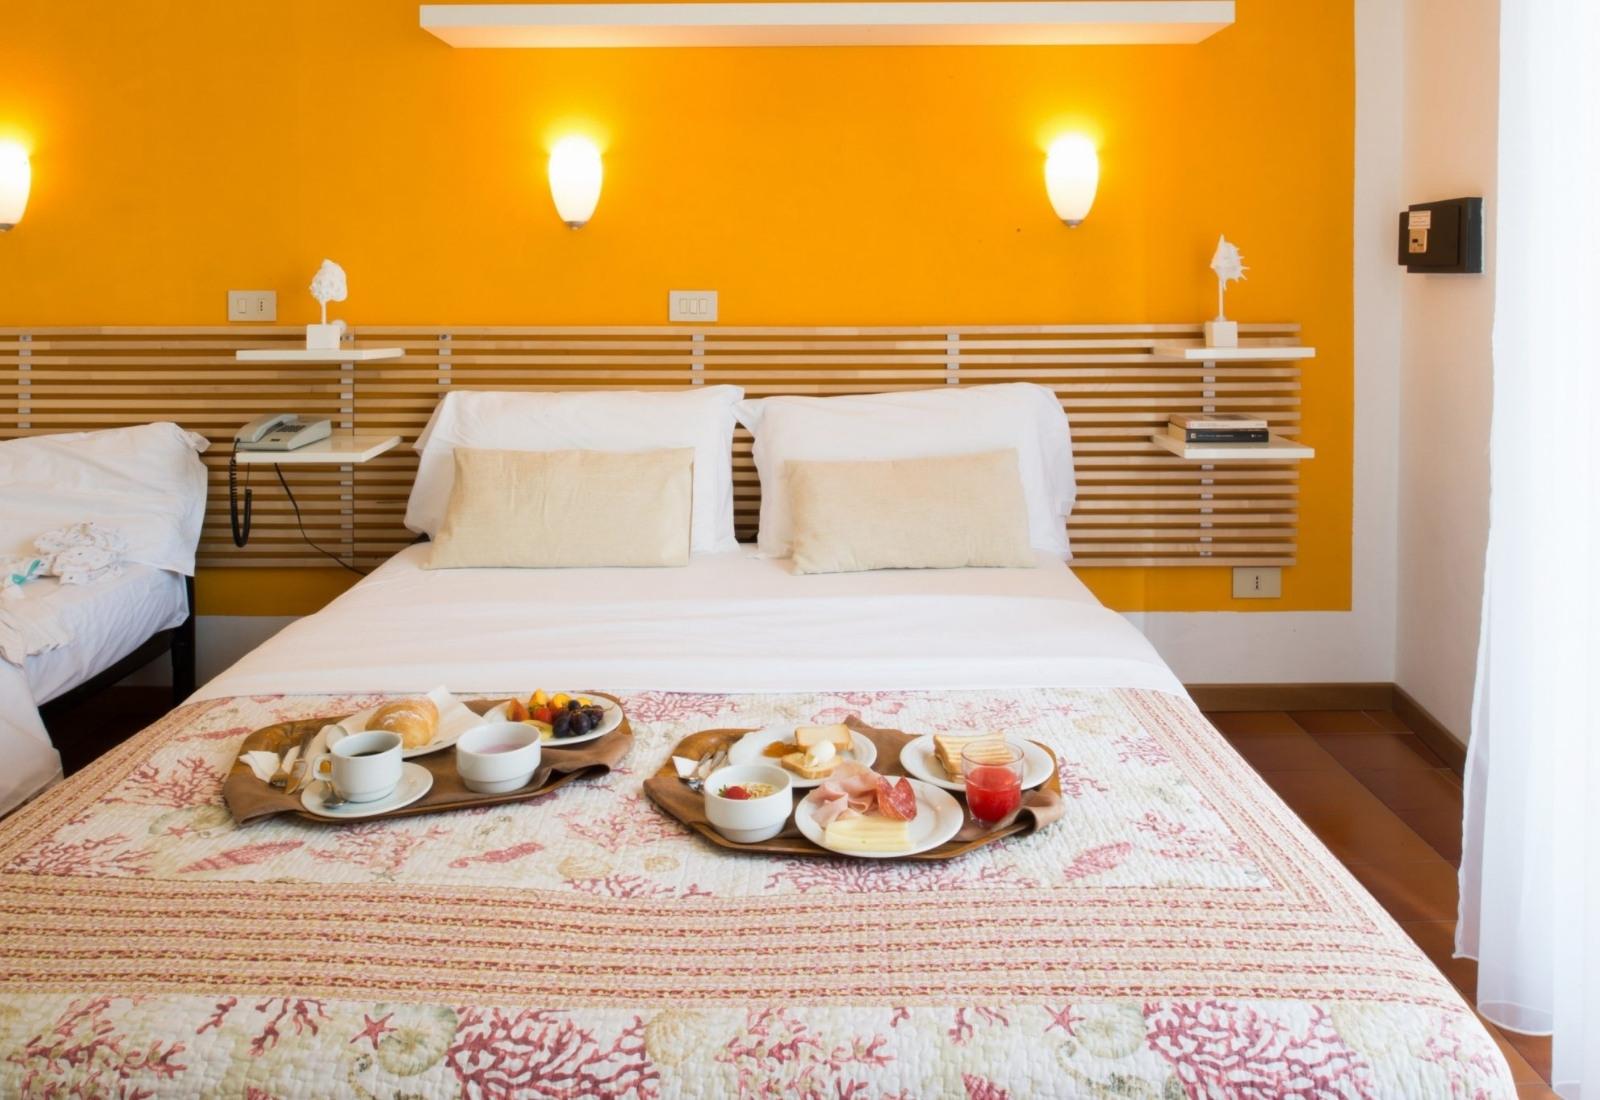 https://www.hotelvenezuela.it/wp-content/uploads/2021/04/Camera-matrimoniale-con-colazione-a-letto-Hotel-Venezuela-Jesolo.jpg